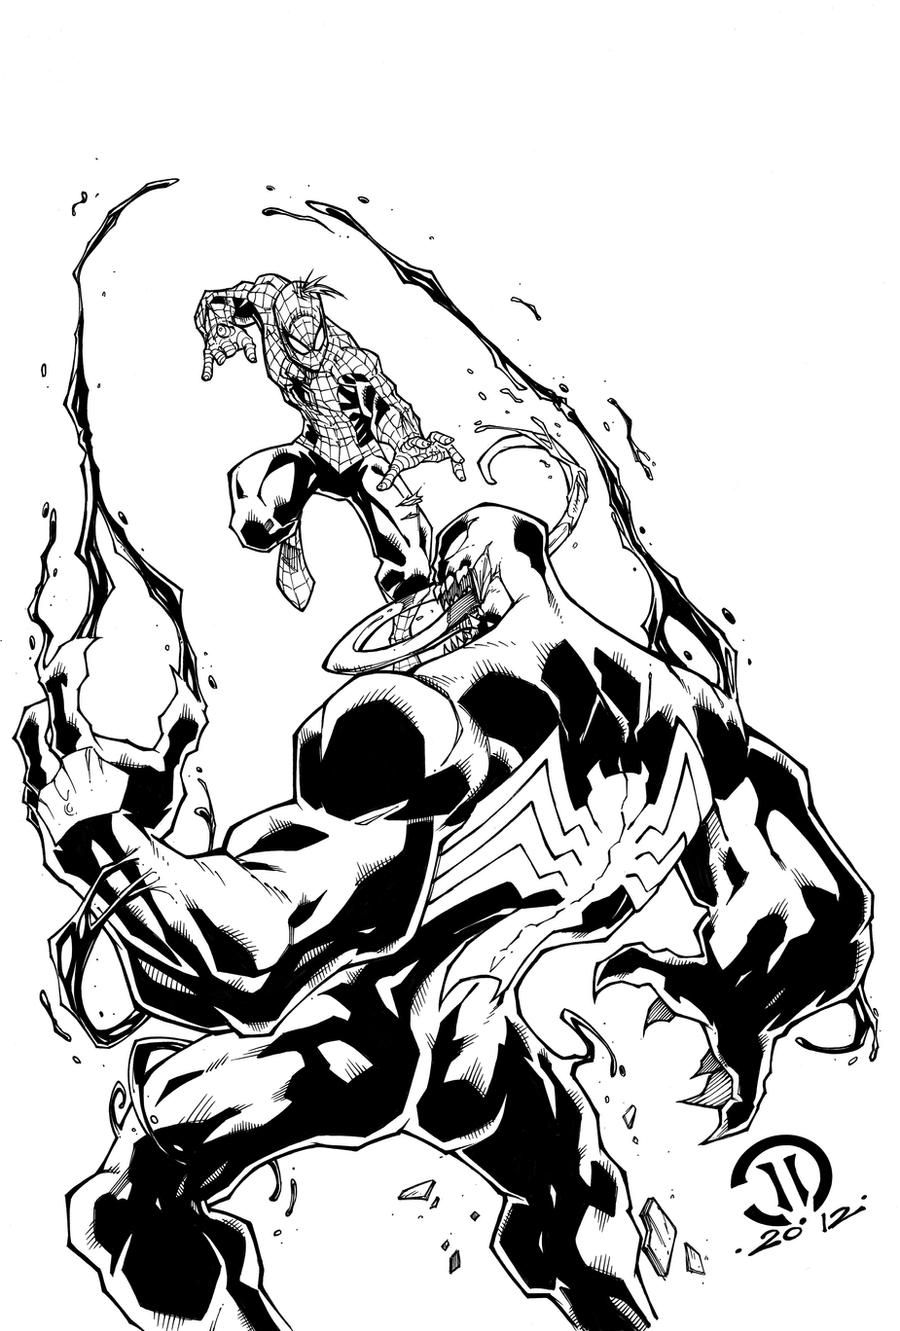 Spiderman vs Venom inks by JoeyVazquez